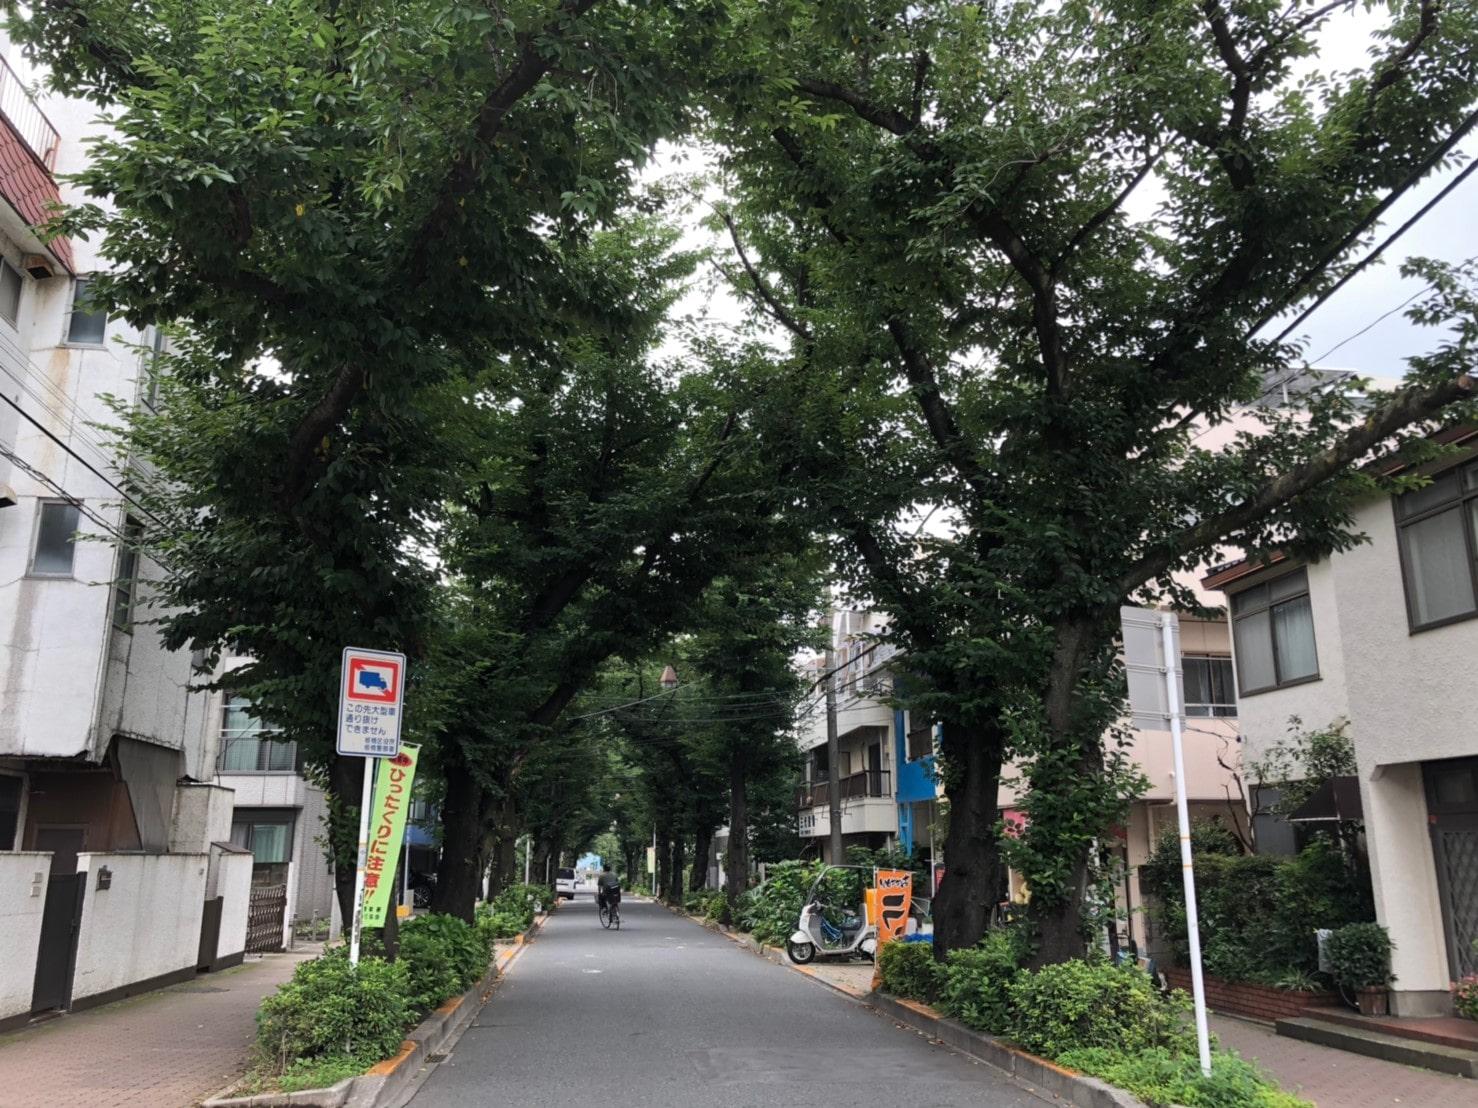 帝京大学近くの街路樹のある通り